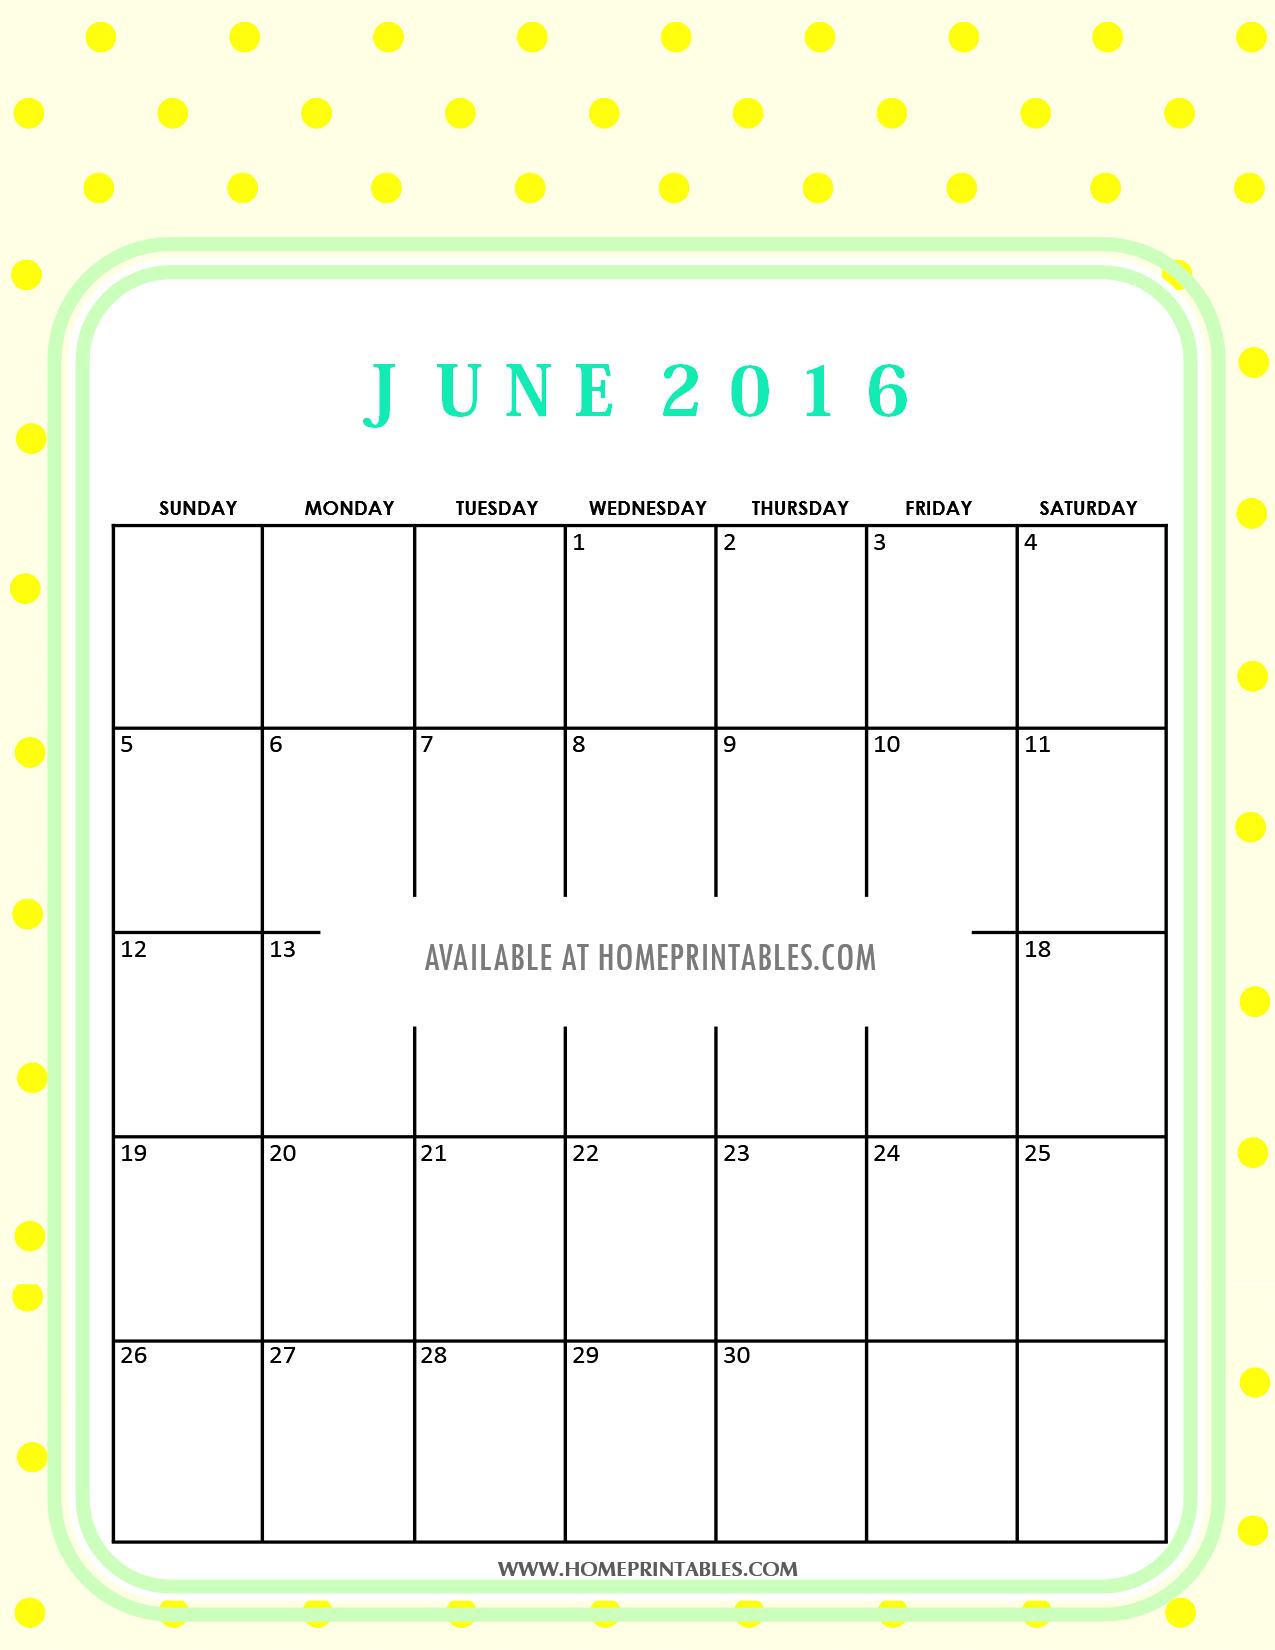 free printable June 2016 calendar 3